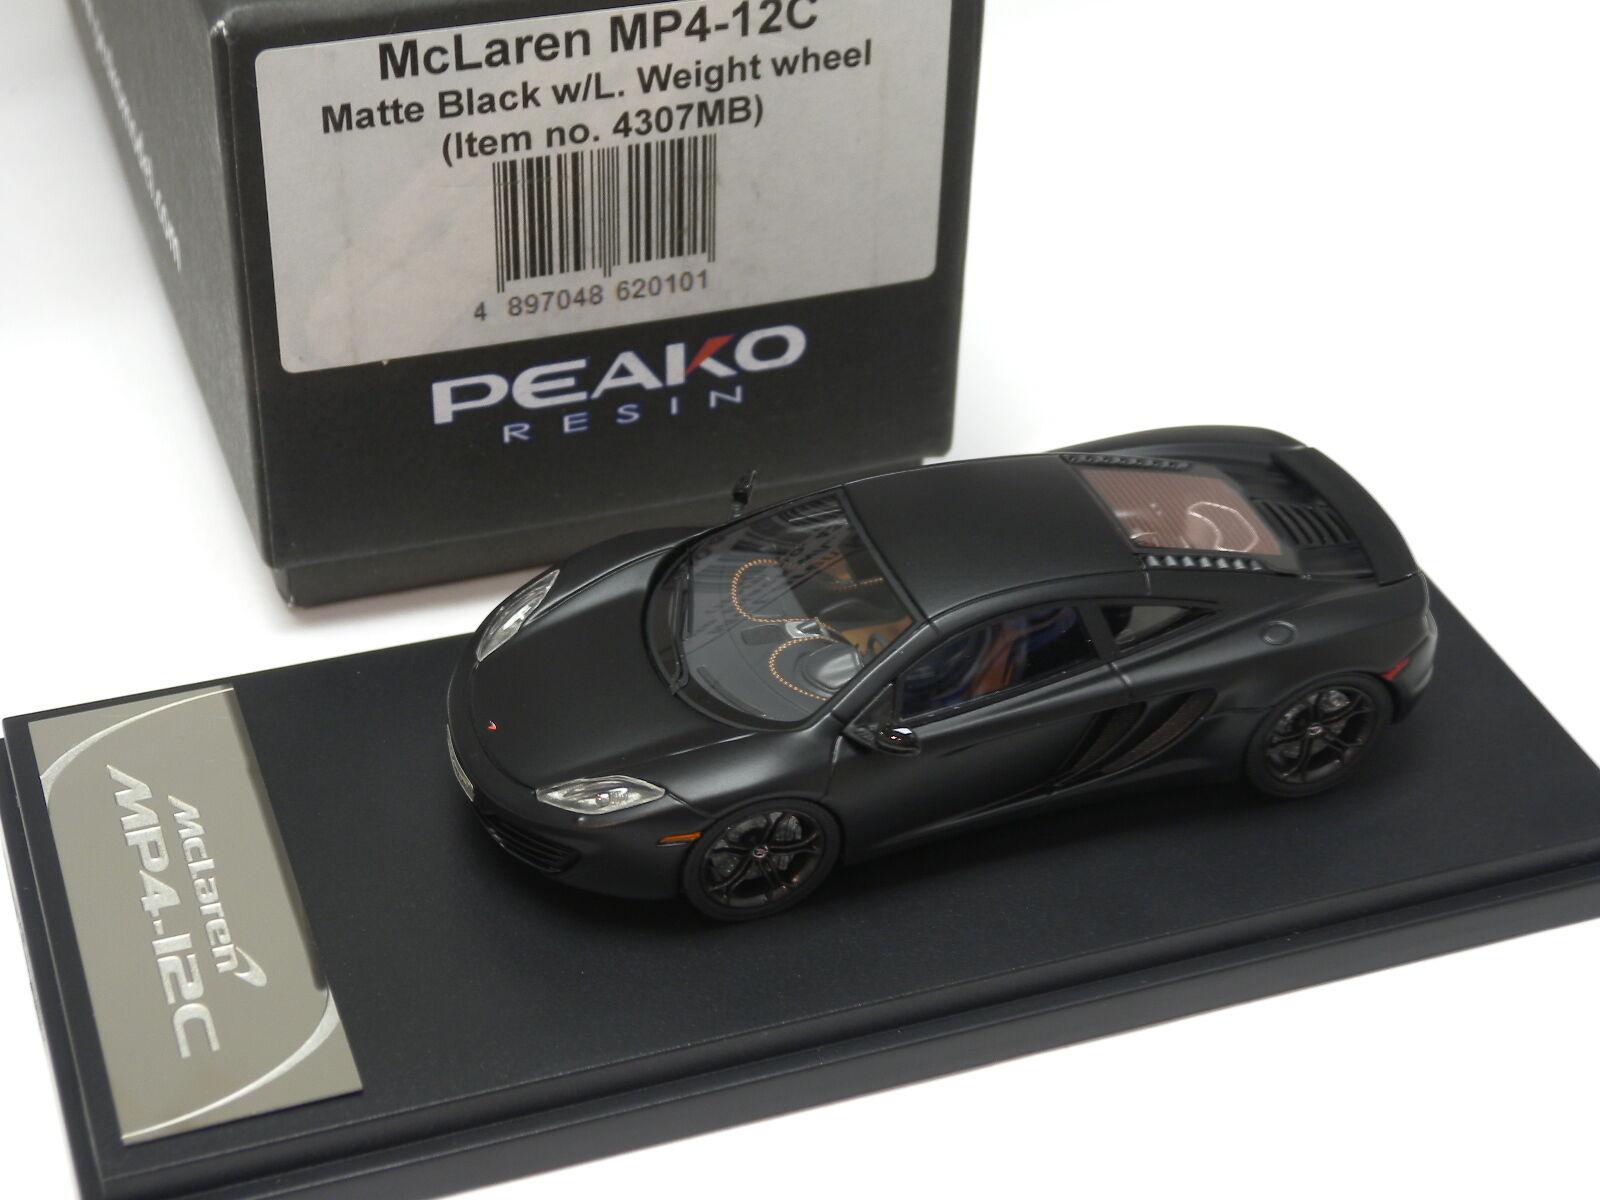 a la venta McLaren McLaren McLaren MP4-12C negro mate con los modelos de rueda Peako L. peso 1 43  4307MB  echa un vistazo a los más baratos